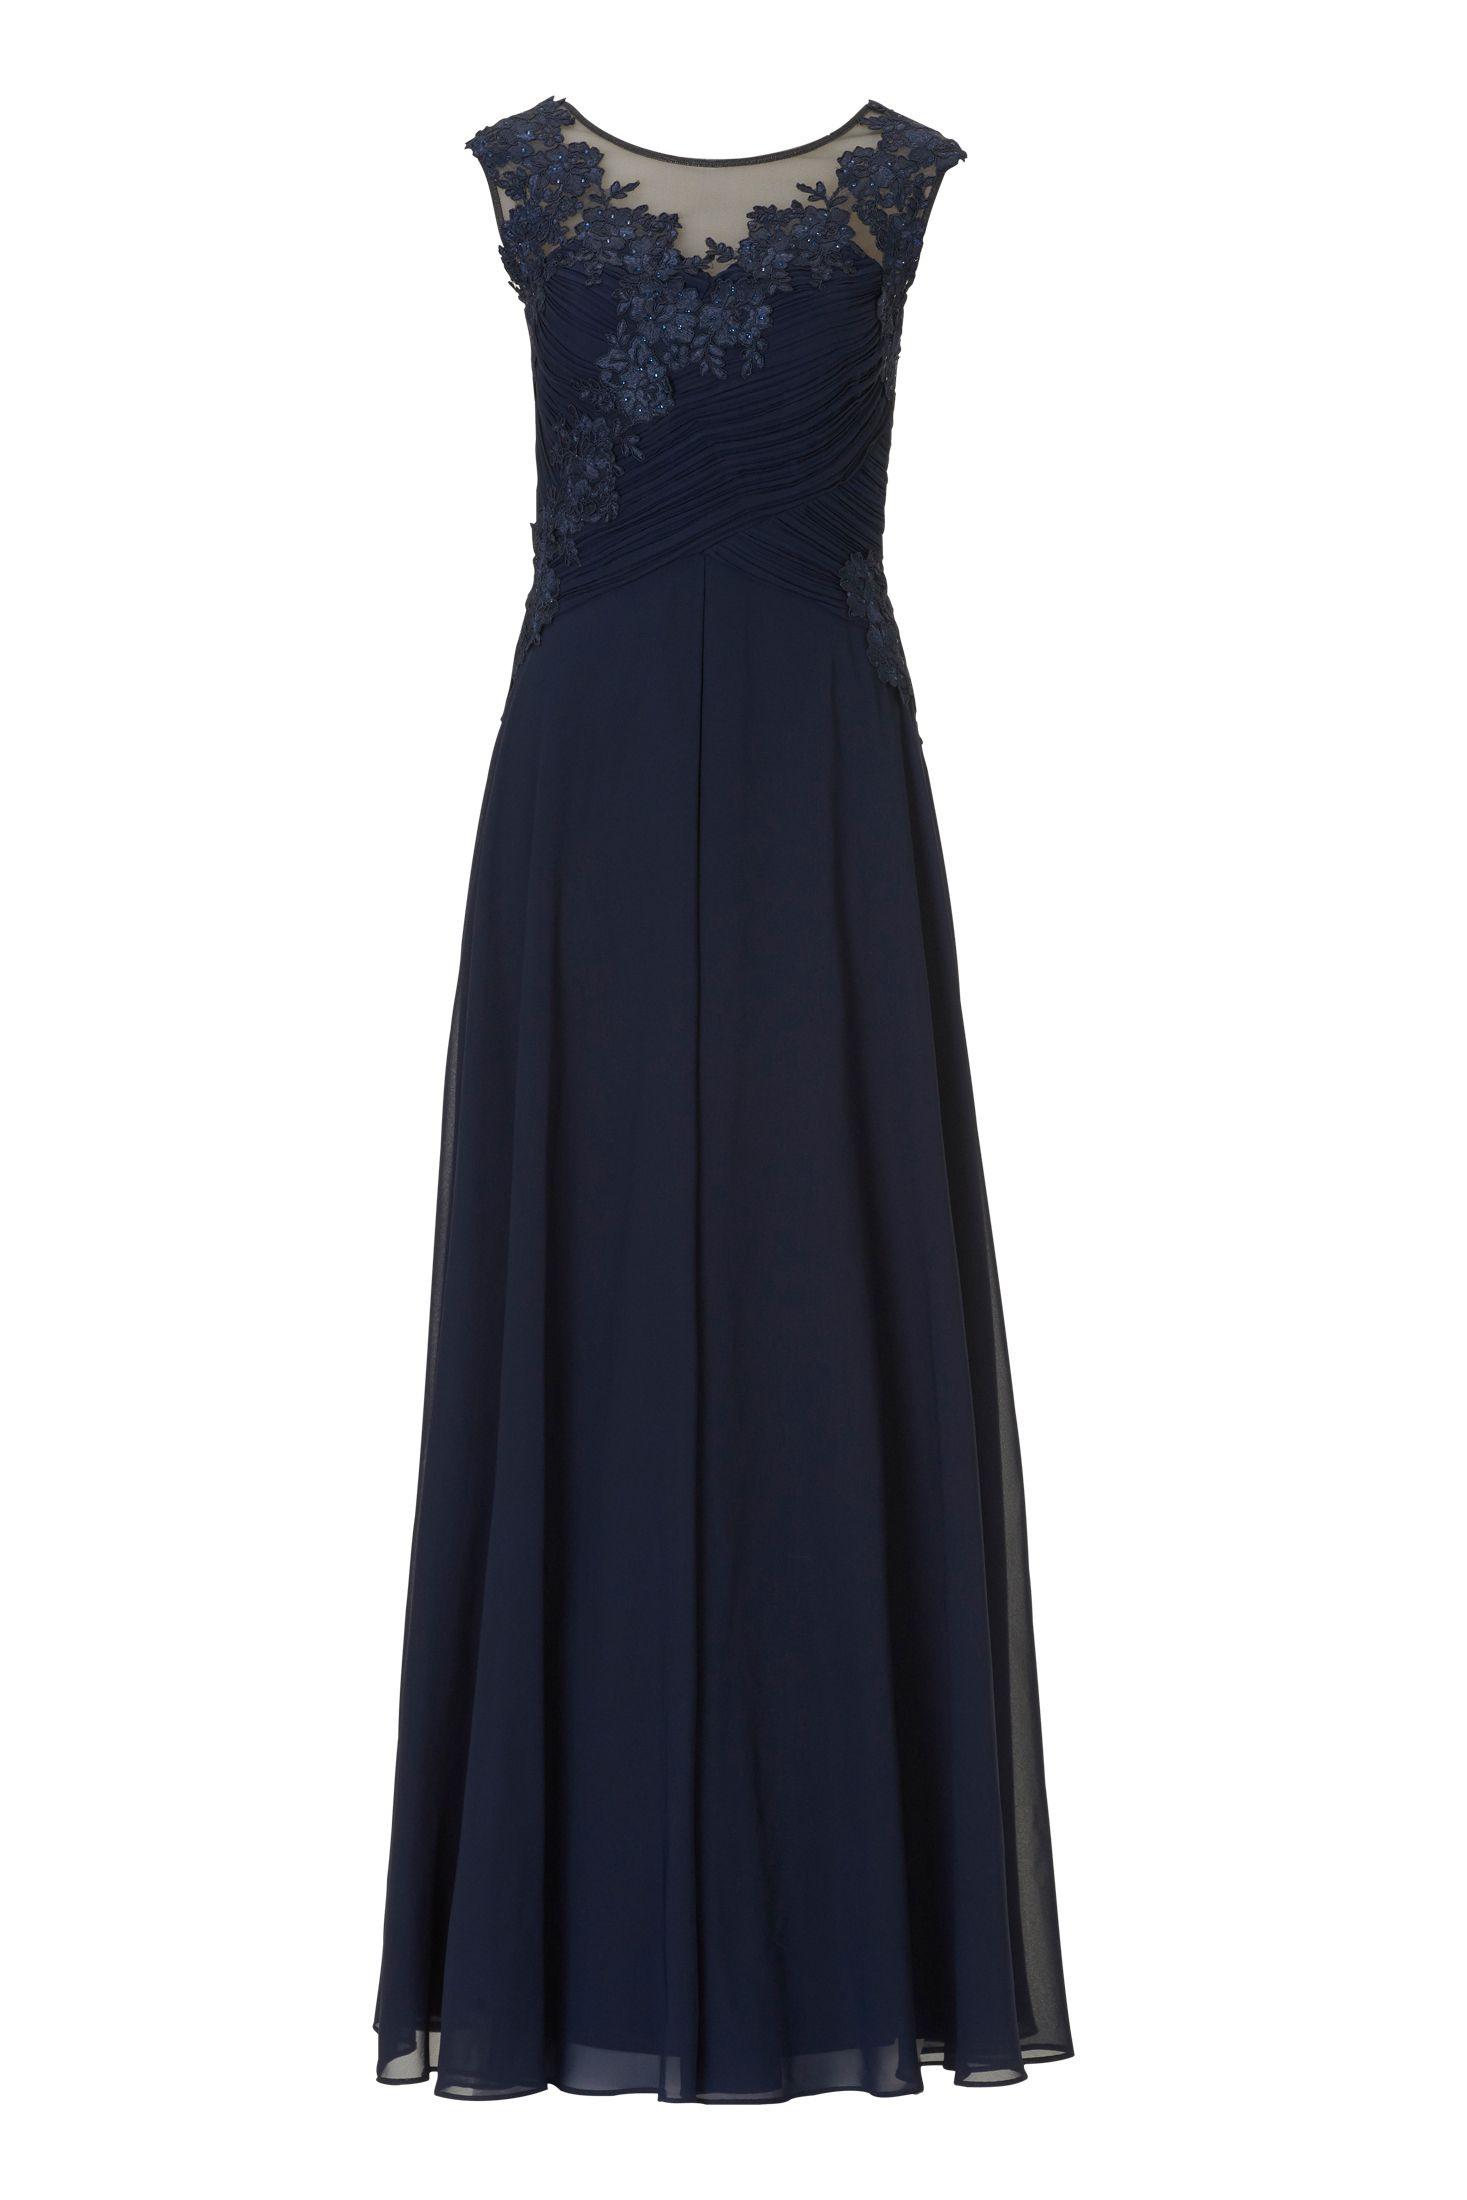 15 Elegant Abend Kleid Auf Rechnung Bester Preis20 Schön Abend Kleid Auf Rechnung für 2019